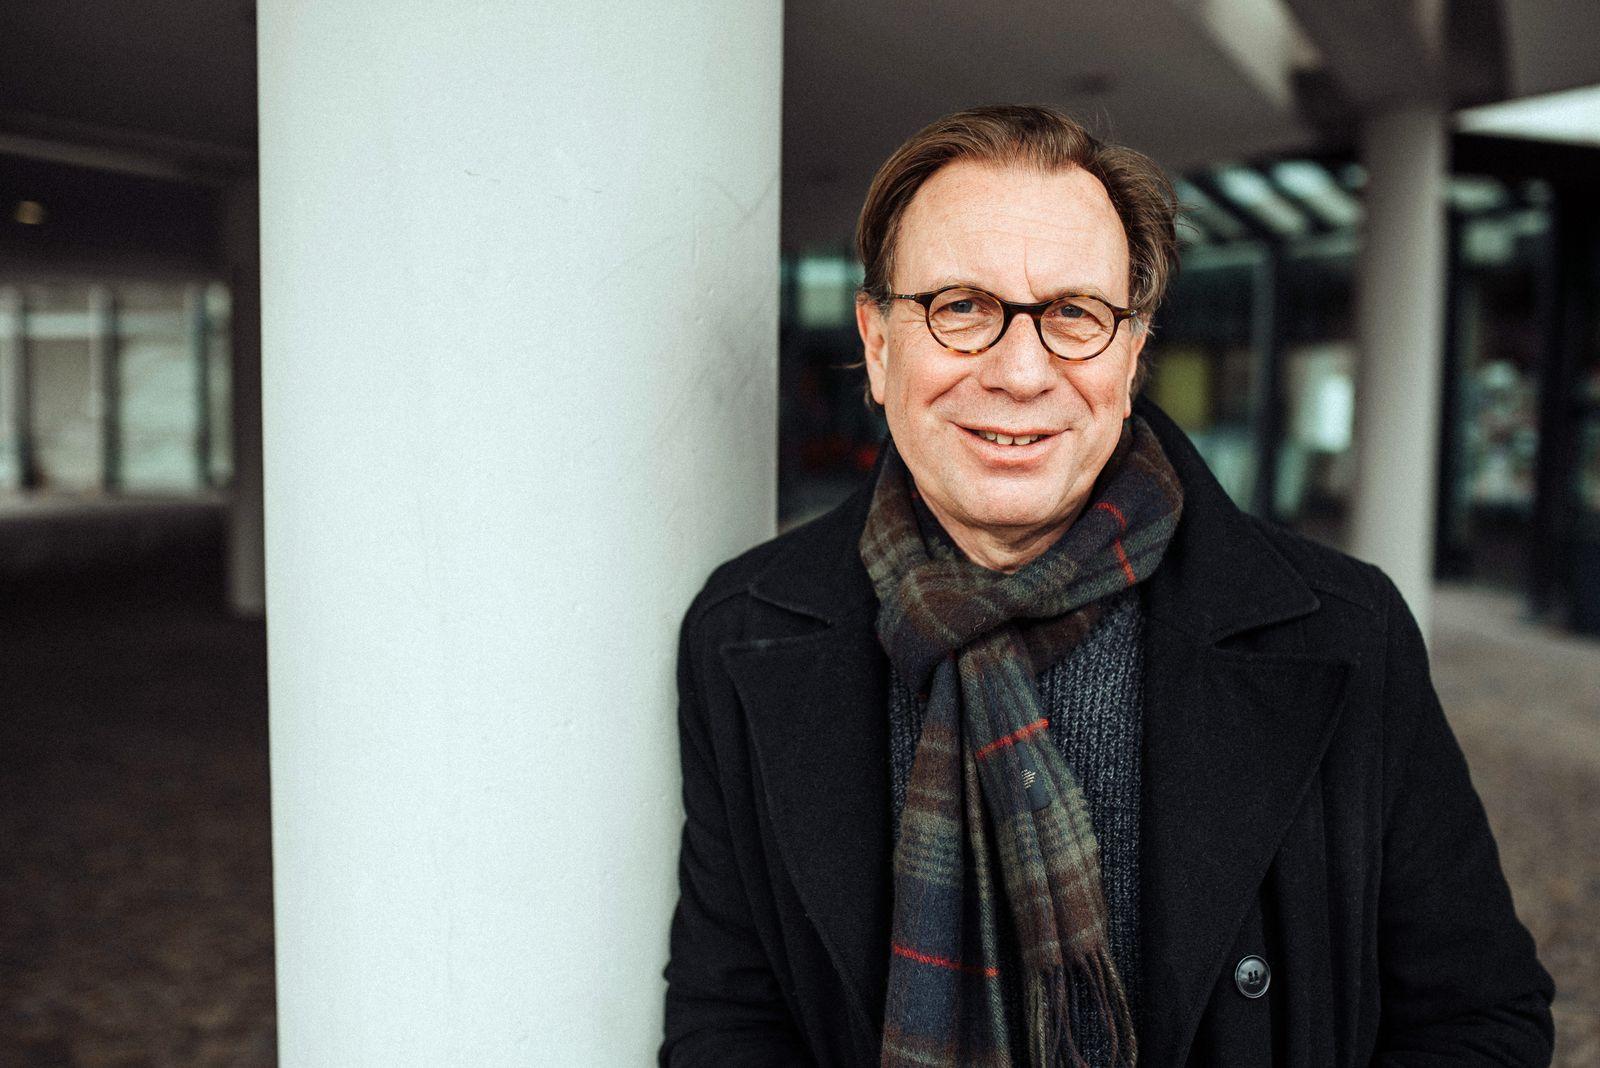 Jürgen Rinderspacher